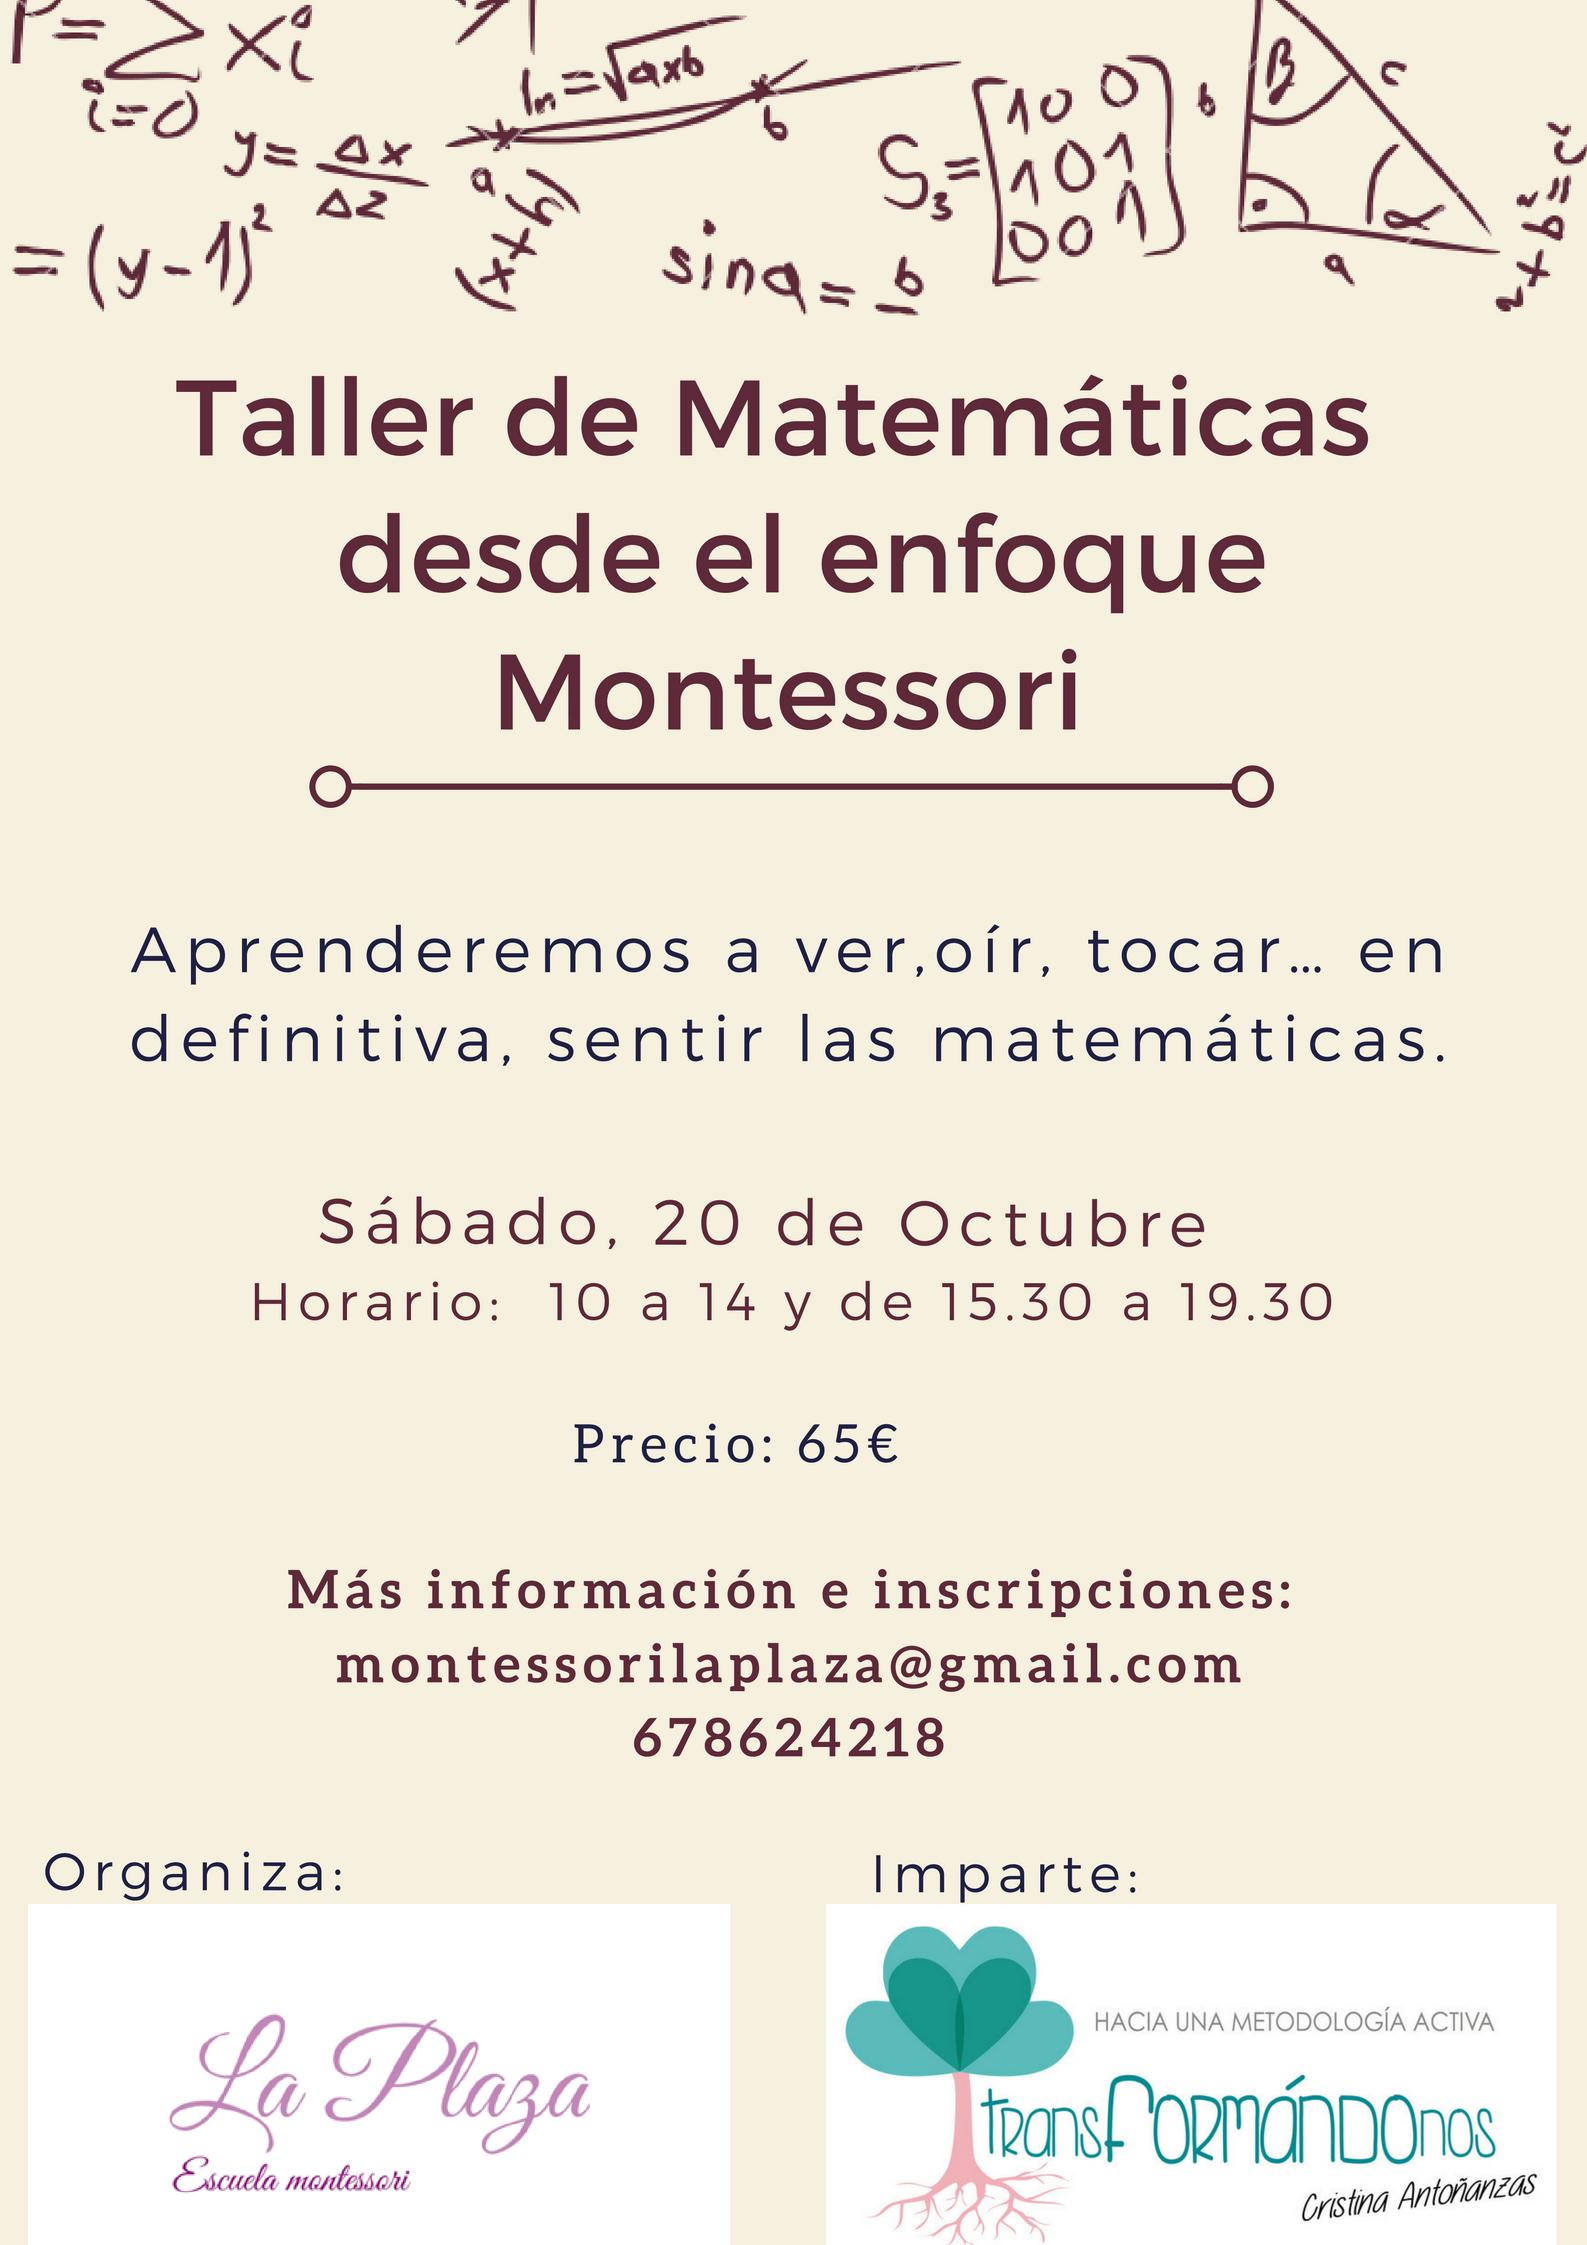 Matemáticas desde el enfoque Montessori @ La Plaza, Escuela Montessori Peralta